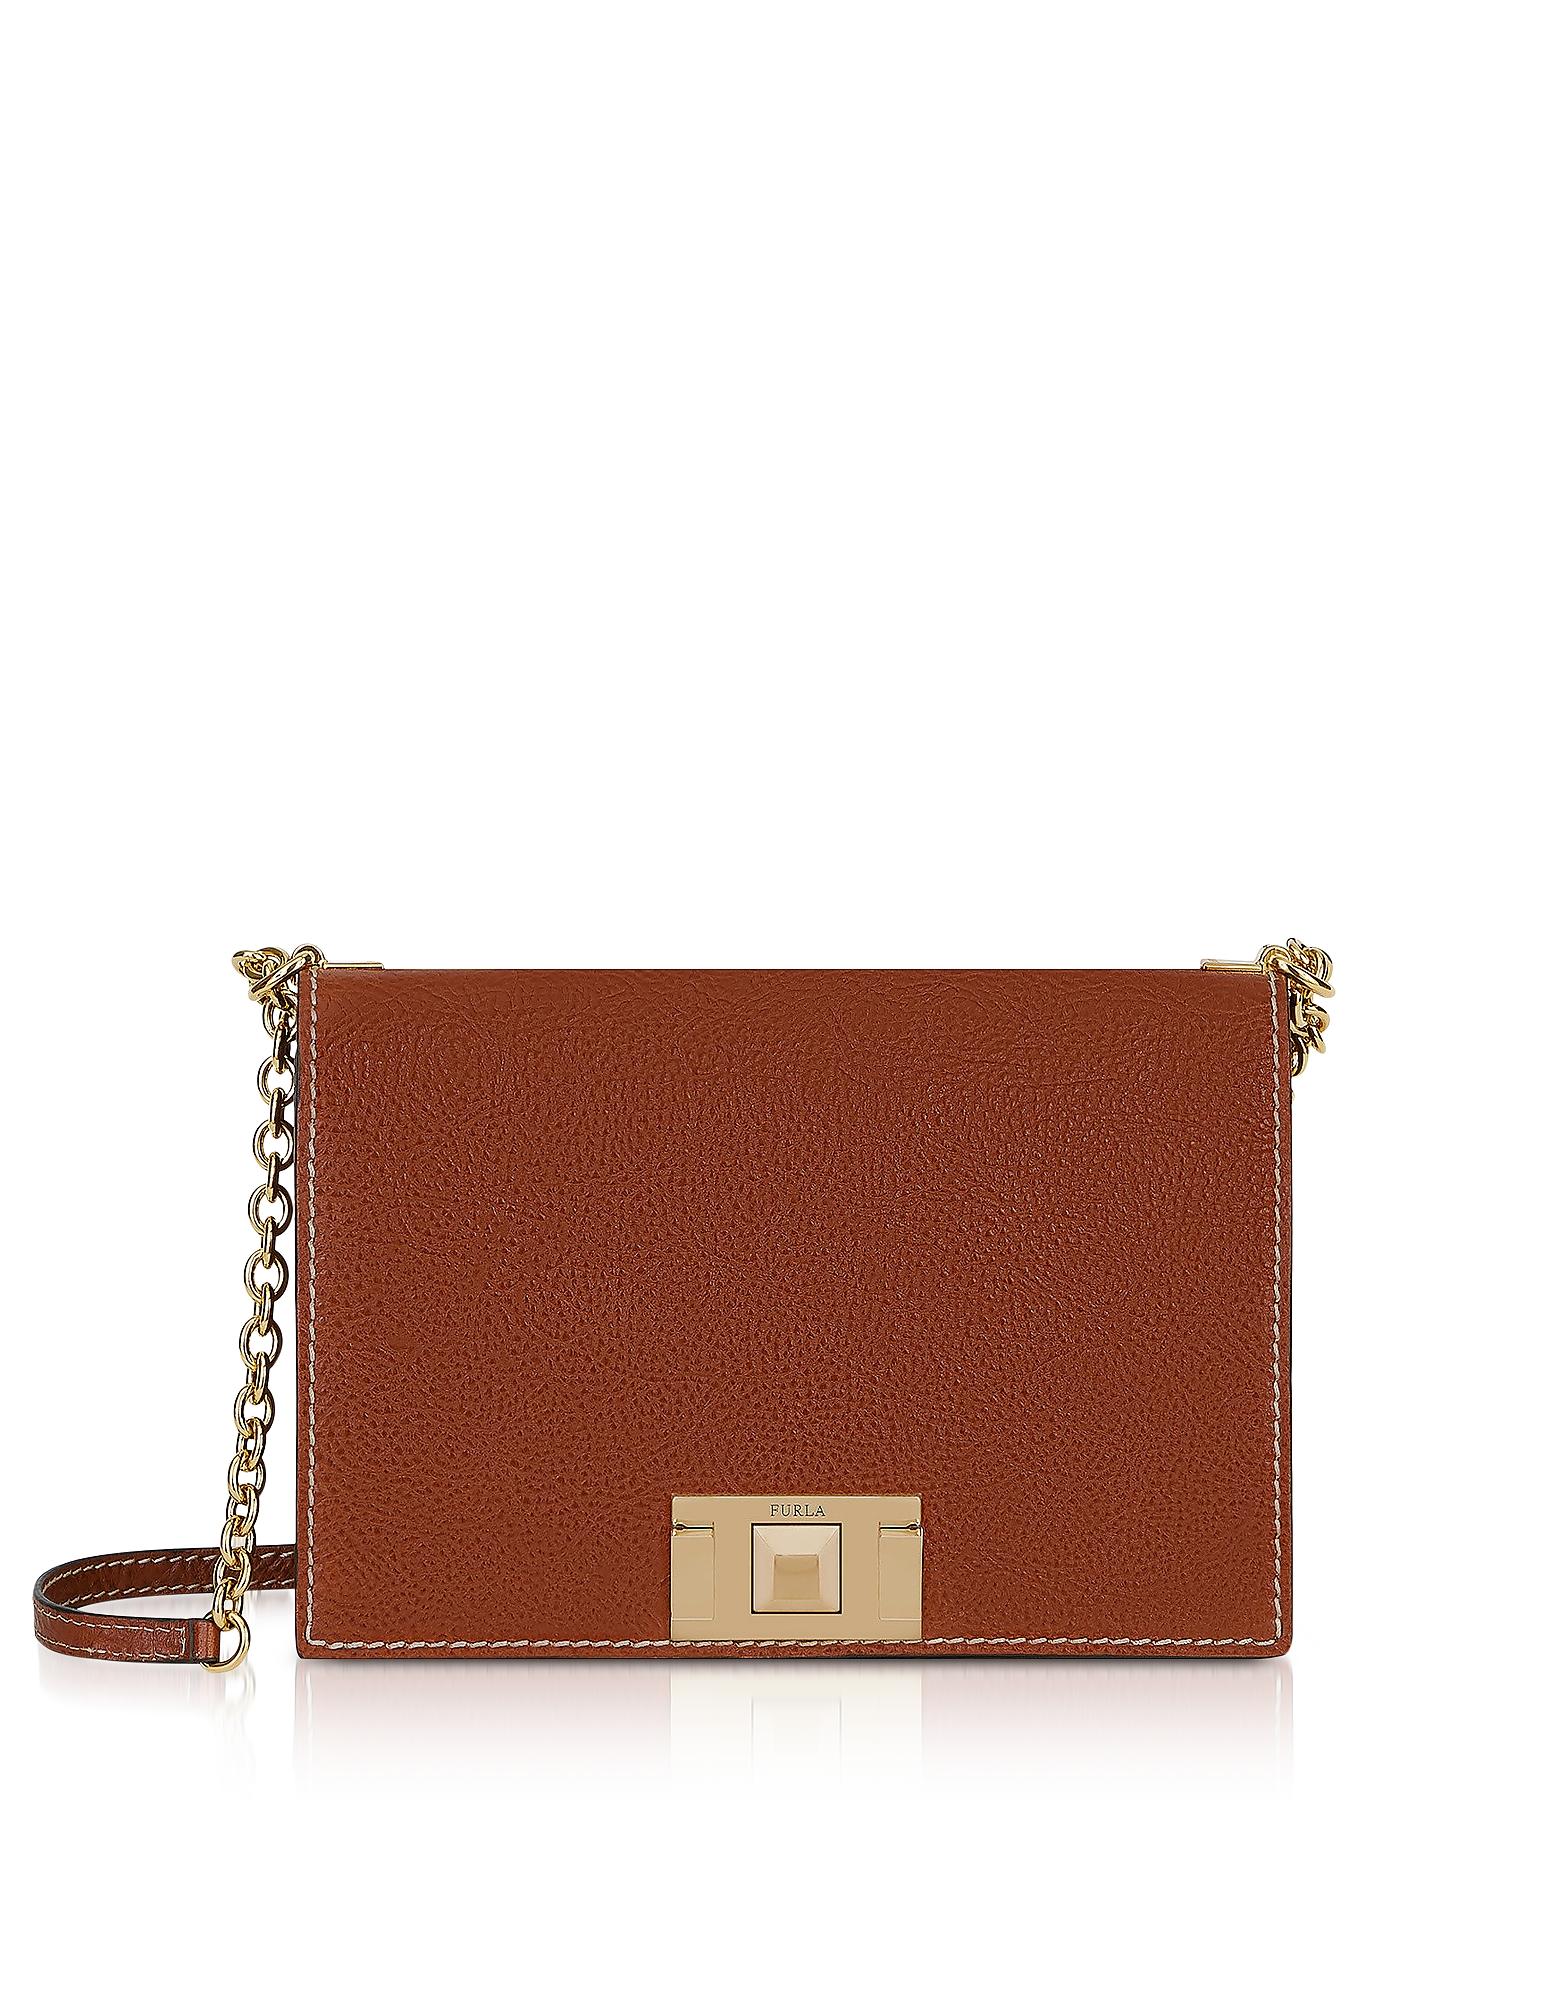 Furla Handbags, Mimì S Crossbody Bag